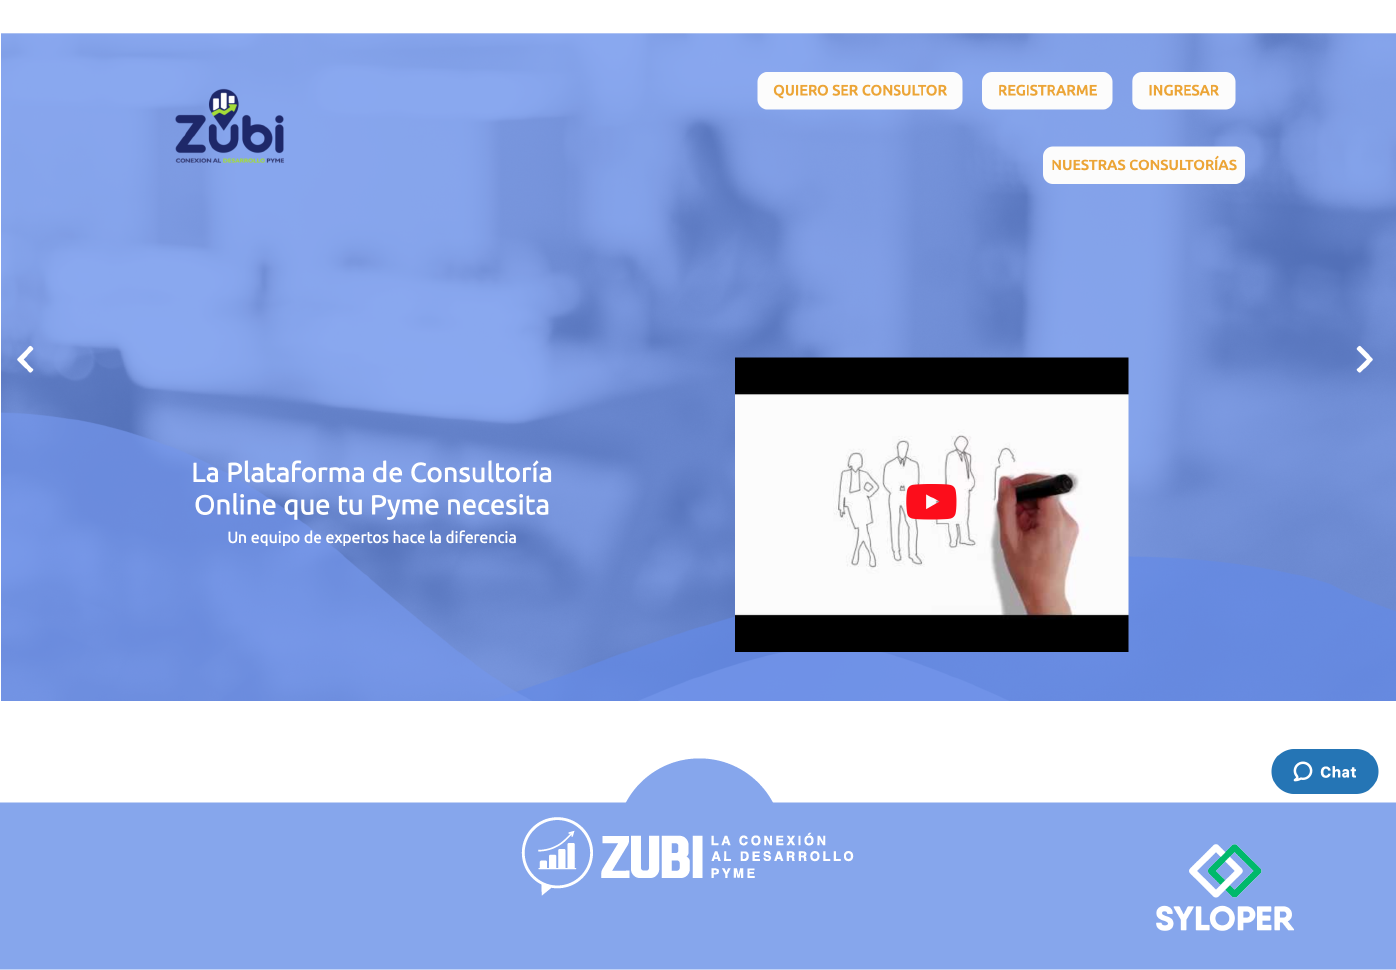 Zubi – Conexión al desarrollo PyME